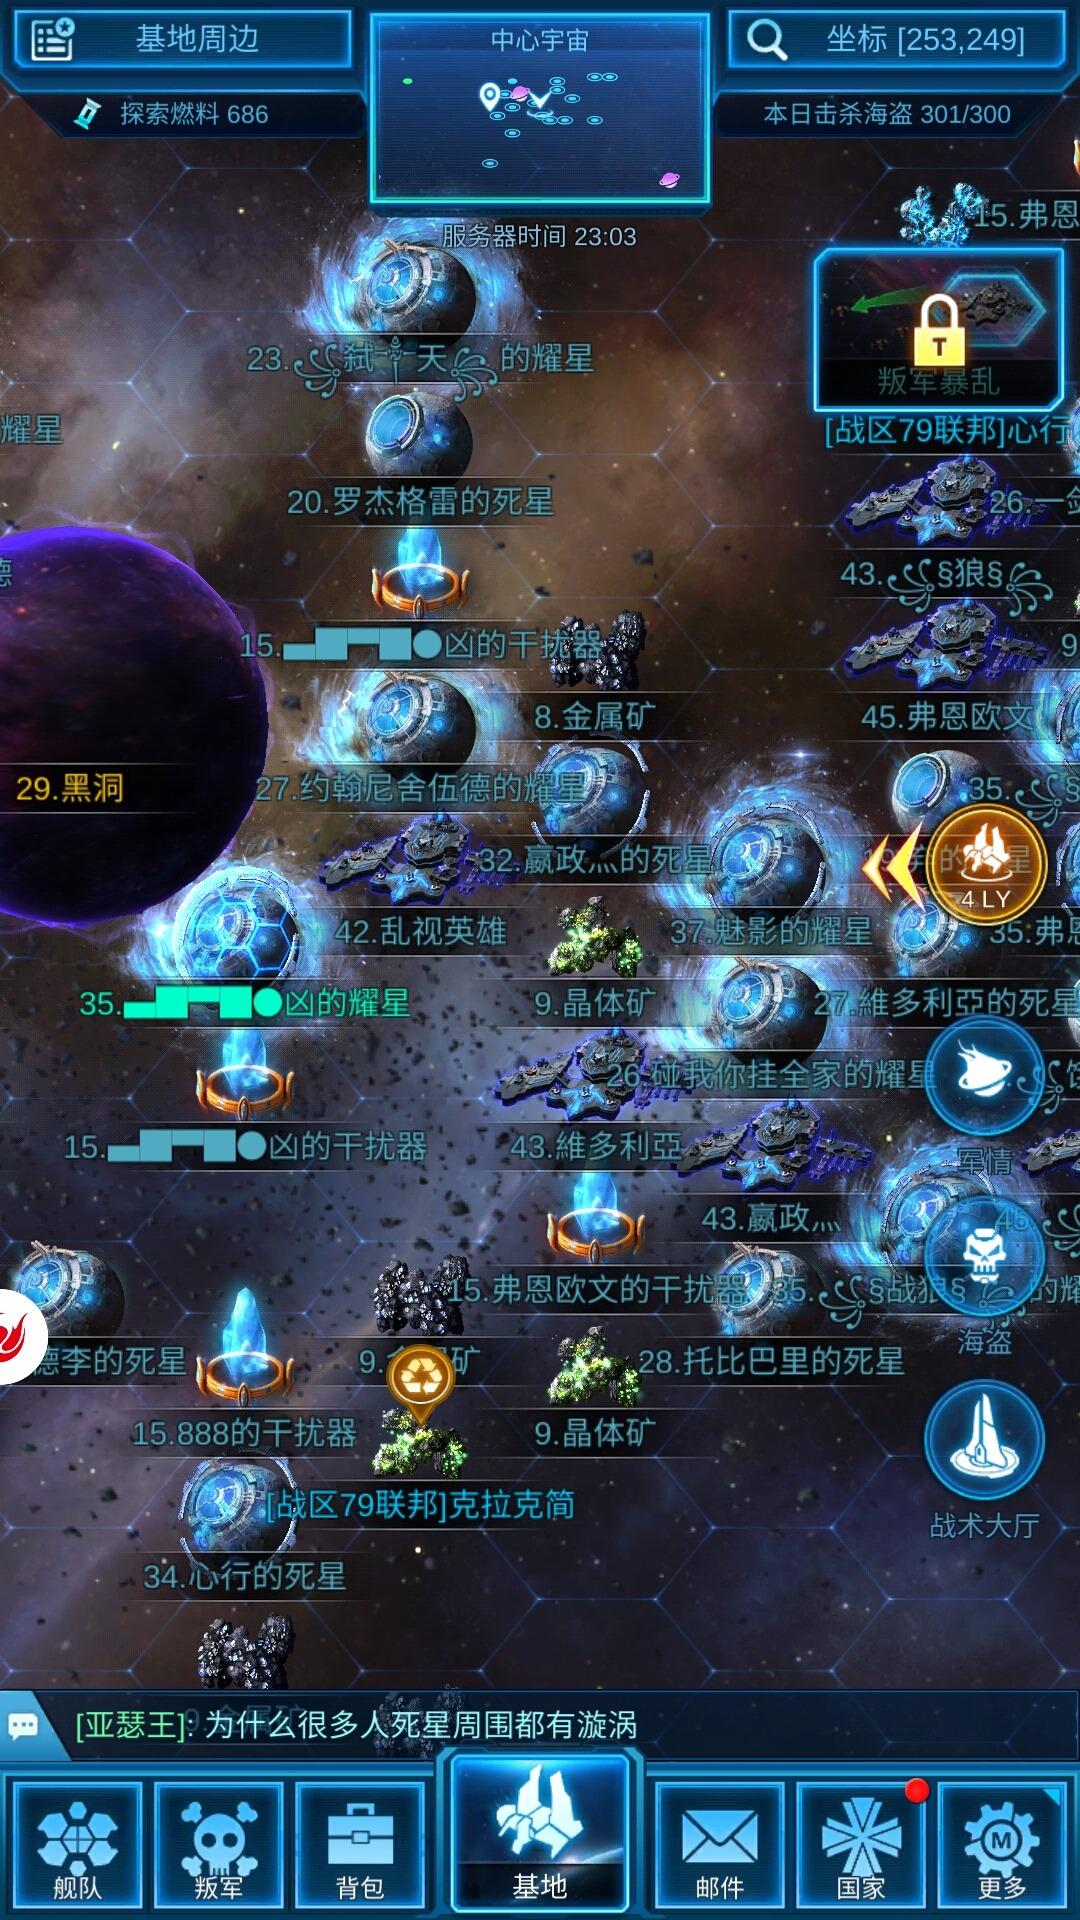 Screenshot_2020-03-05-23-03-40.jpg